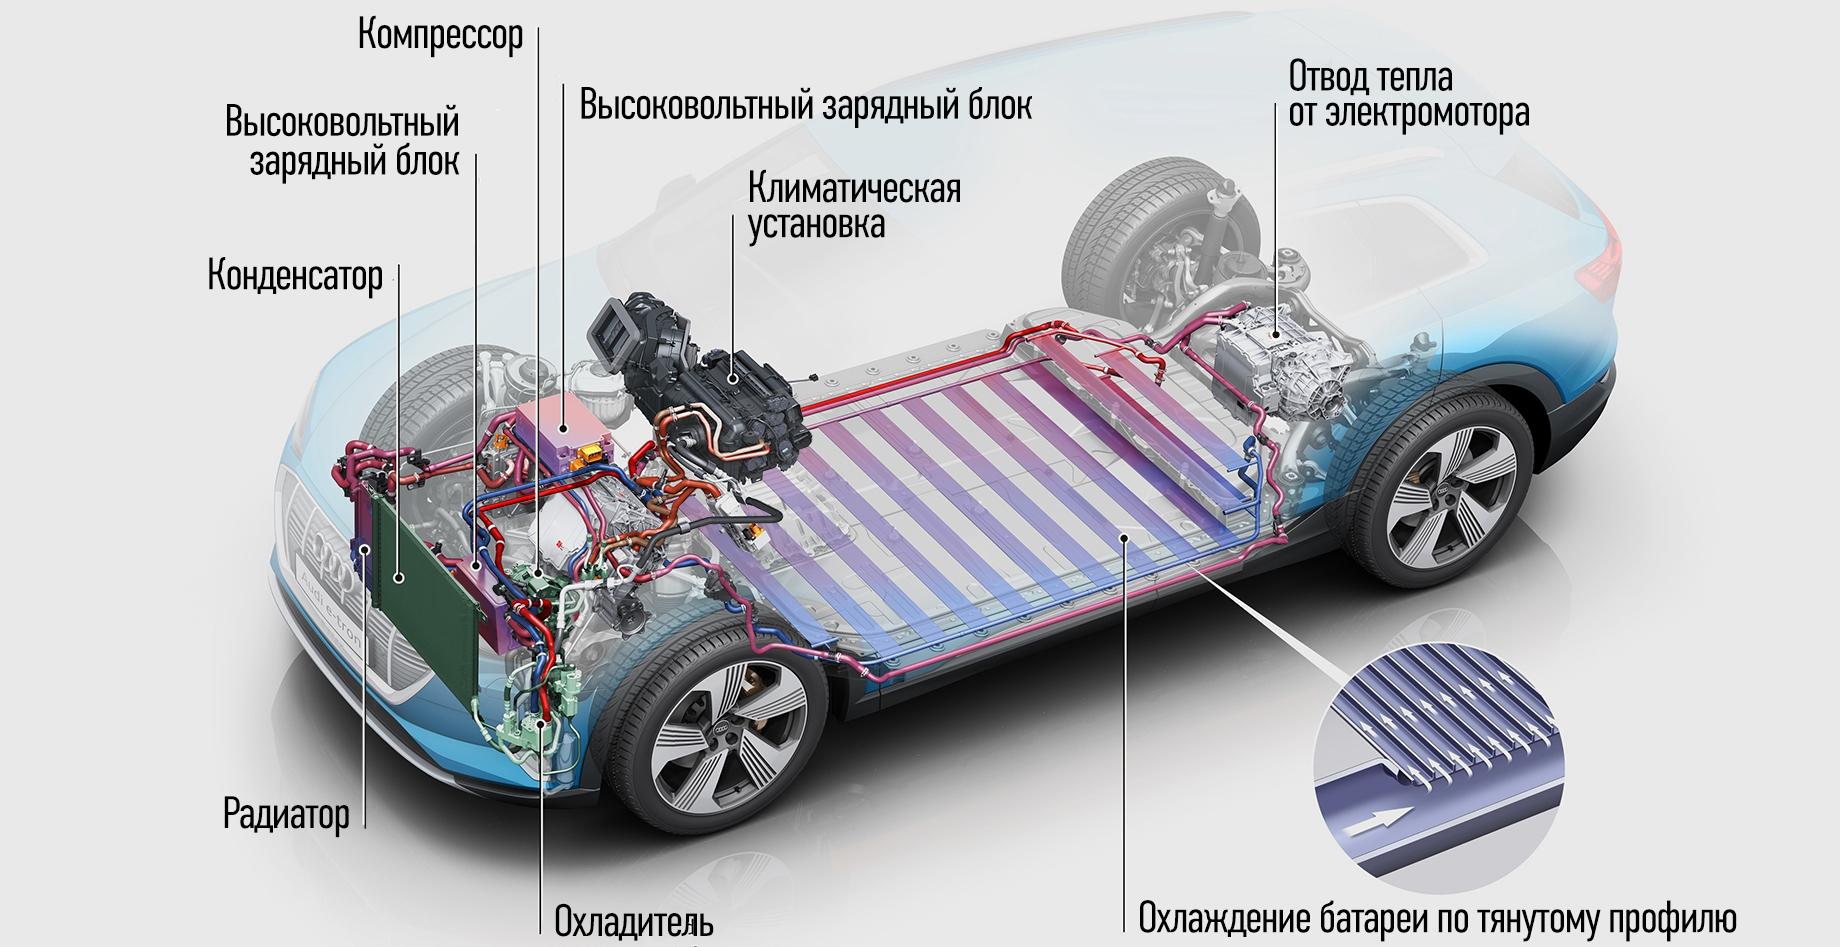 Подпитываем интерес к четырём кольцам; старт с двух педалей, разряжая Audi e-tron